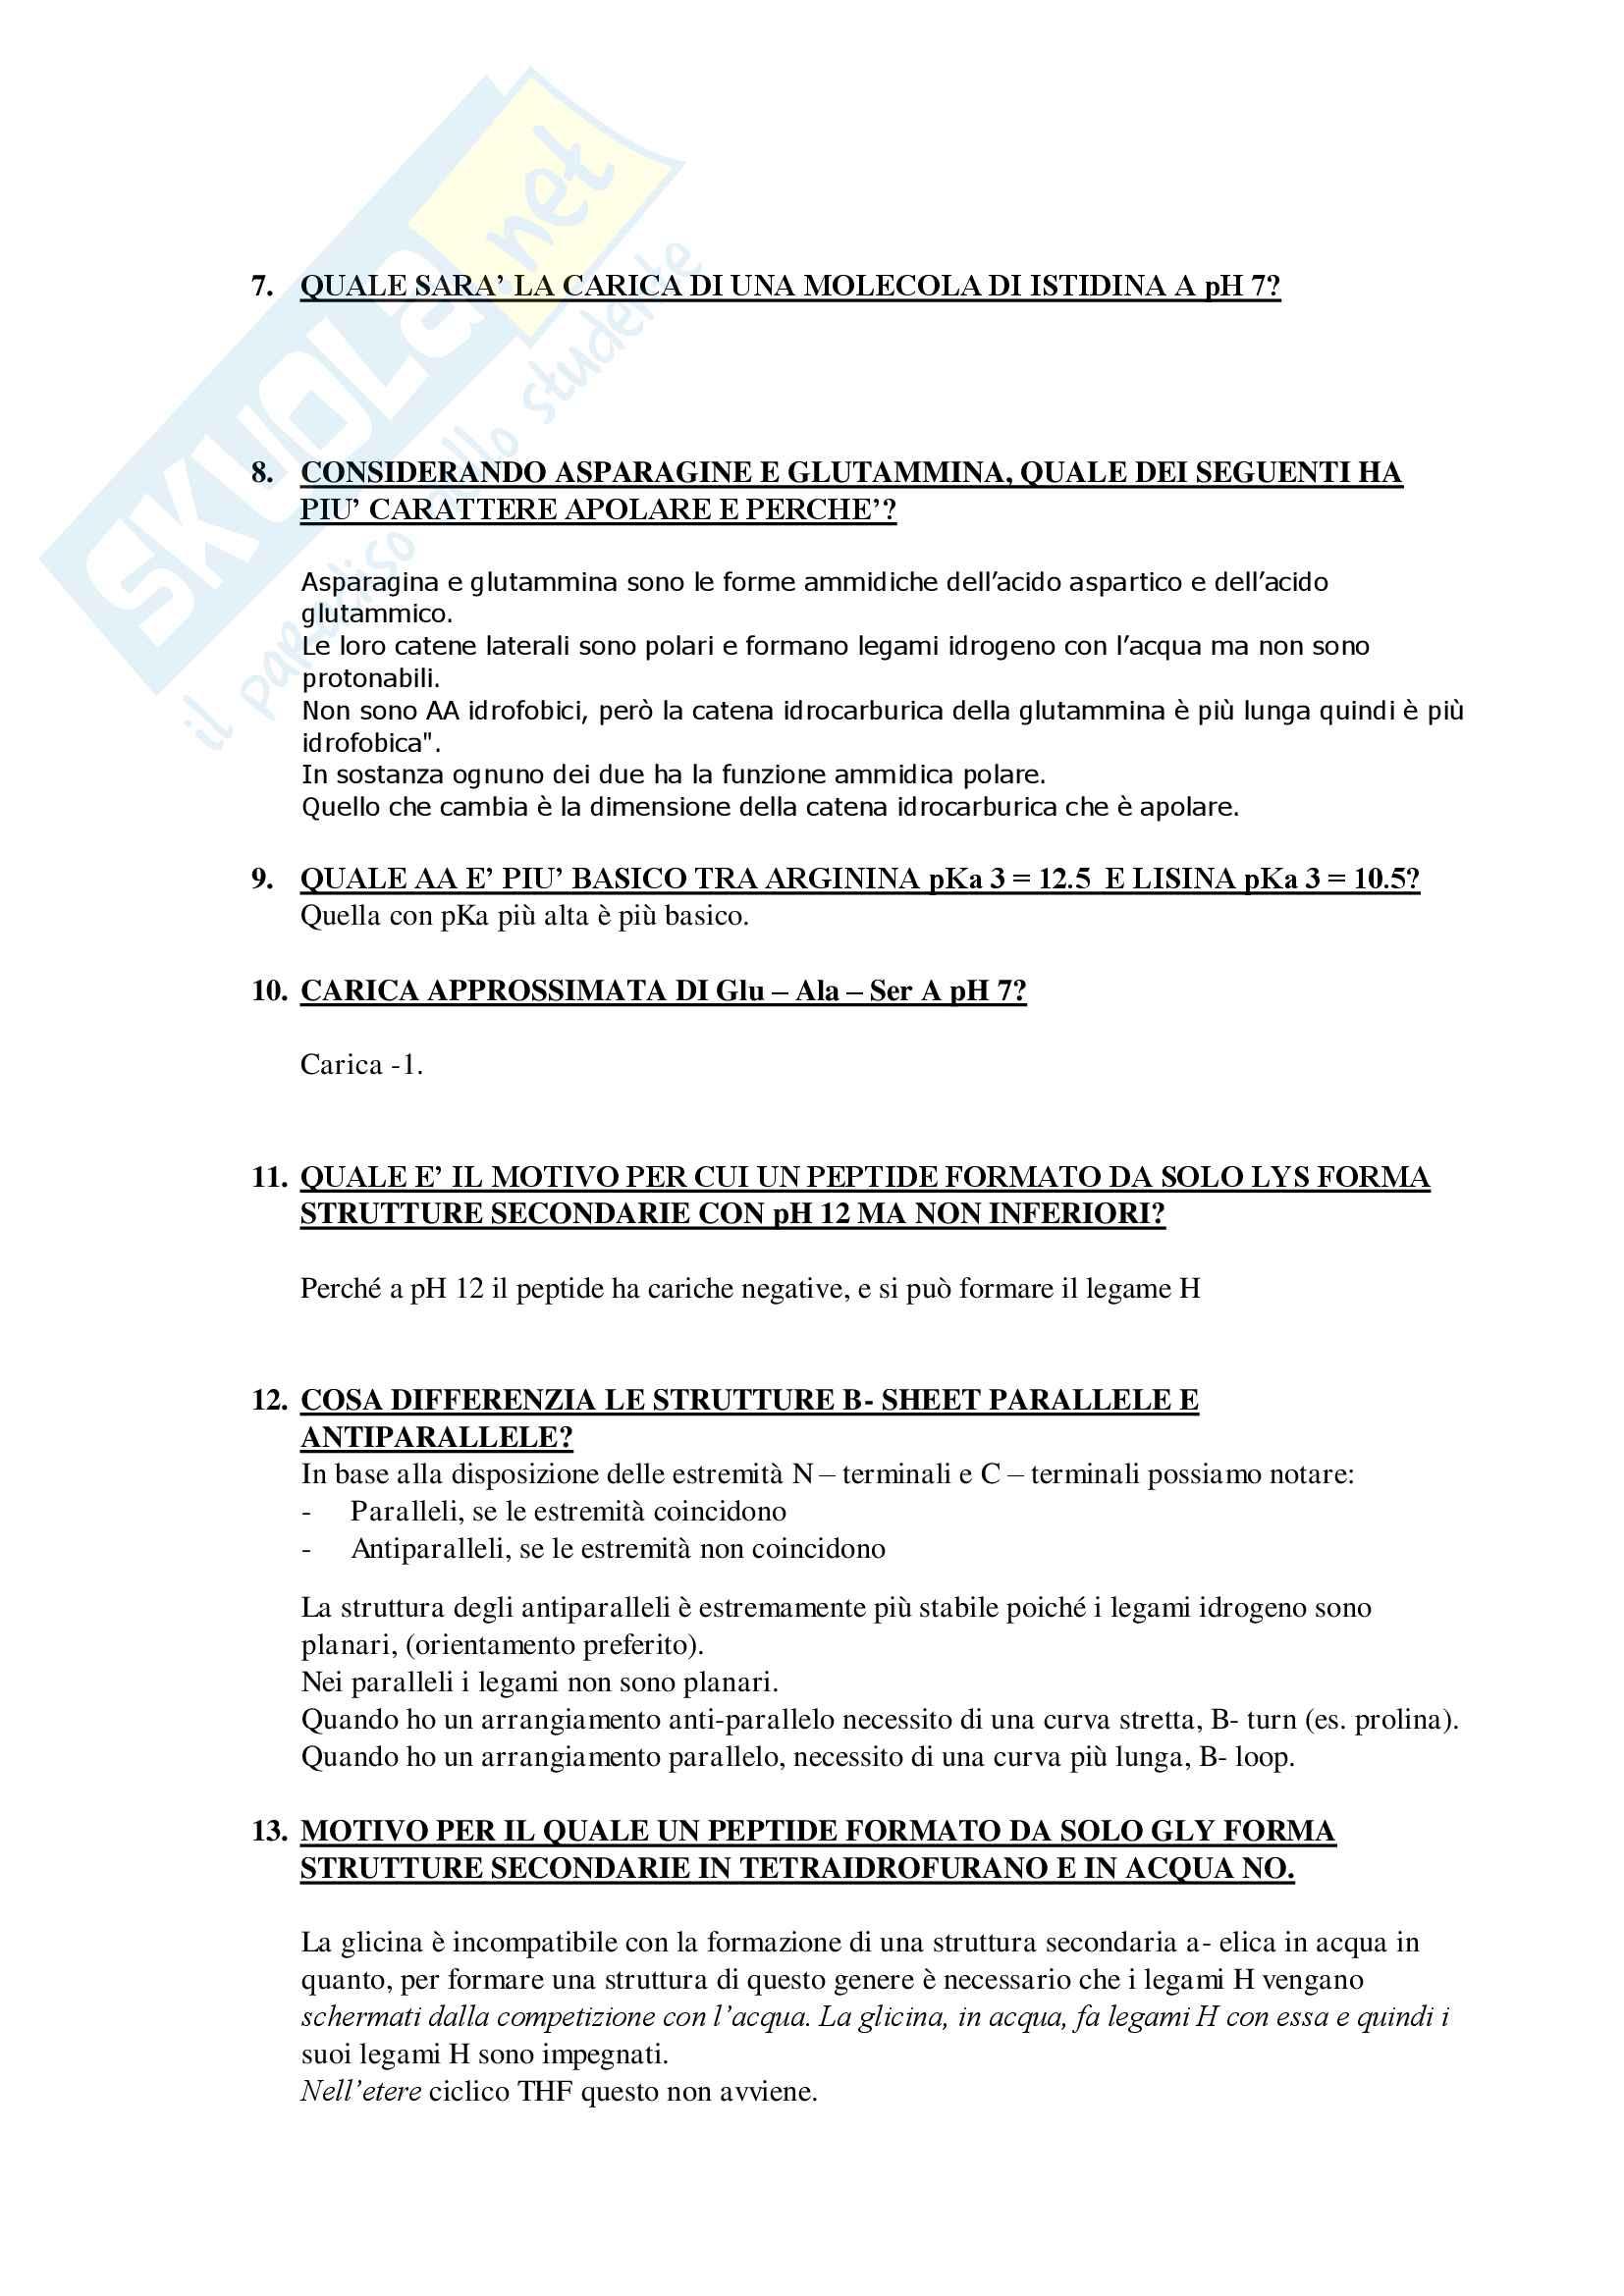 Domande e Risposte Esame Biochimica Generale Mod.1 Primo Parziale Pag. 6